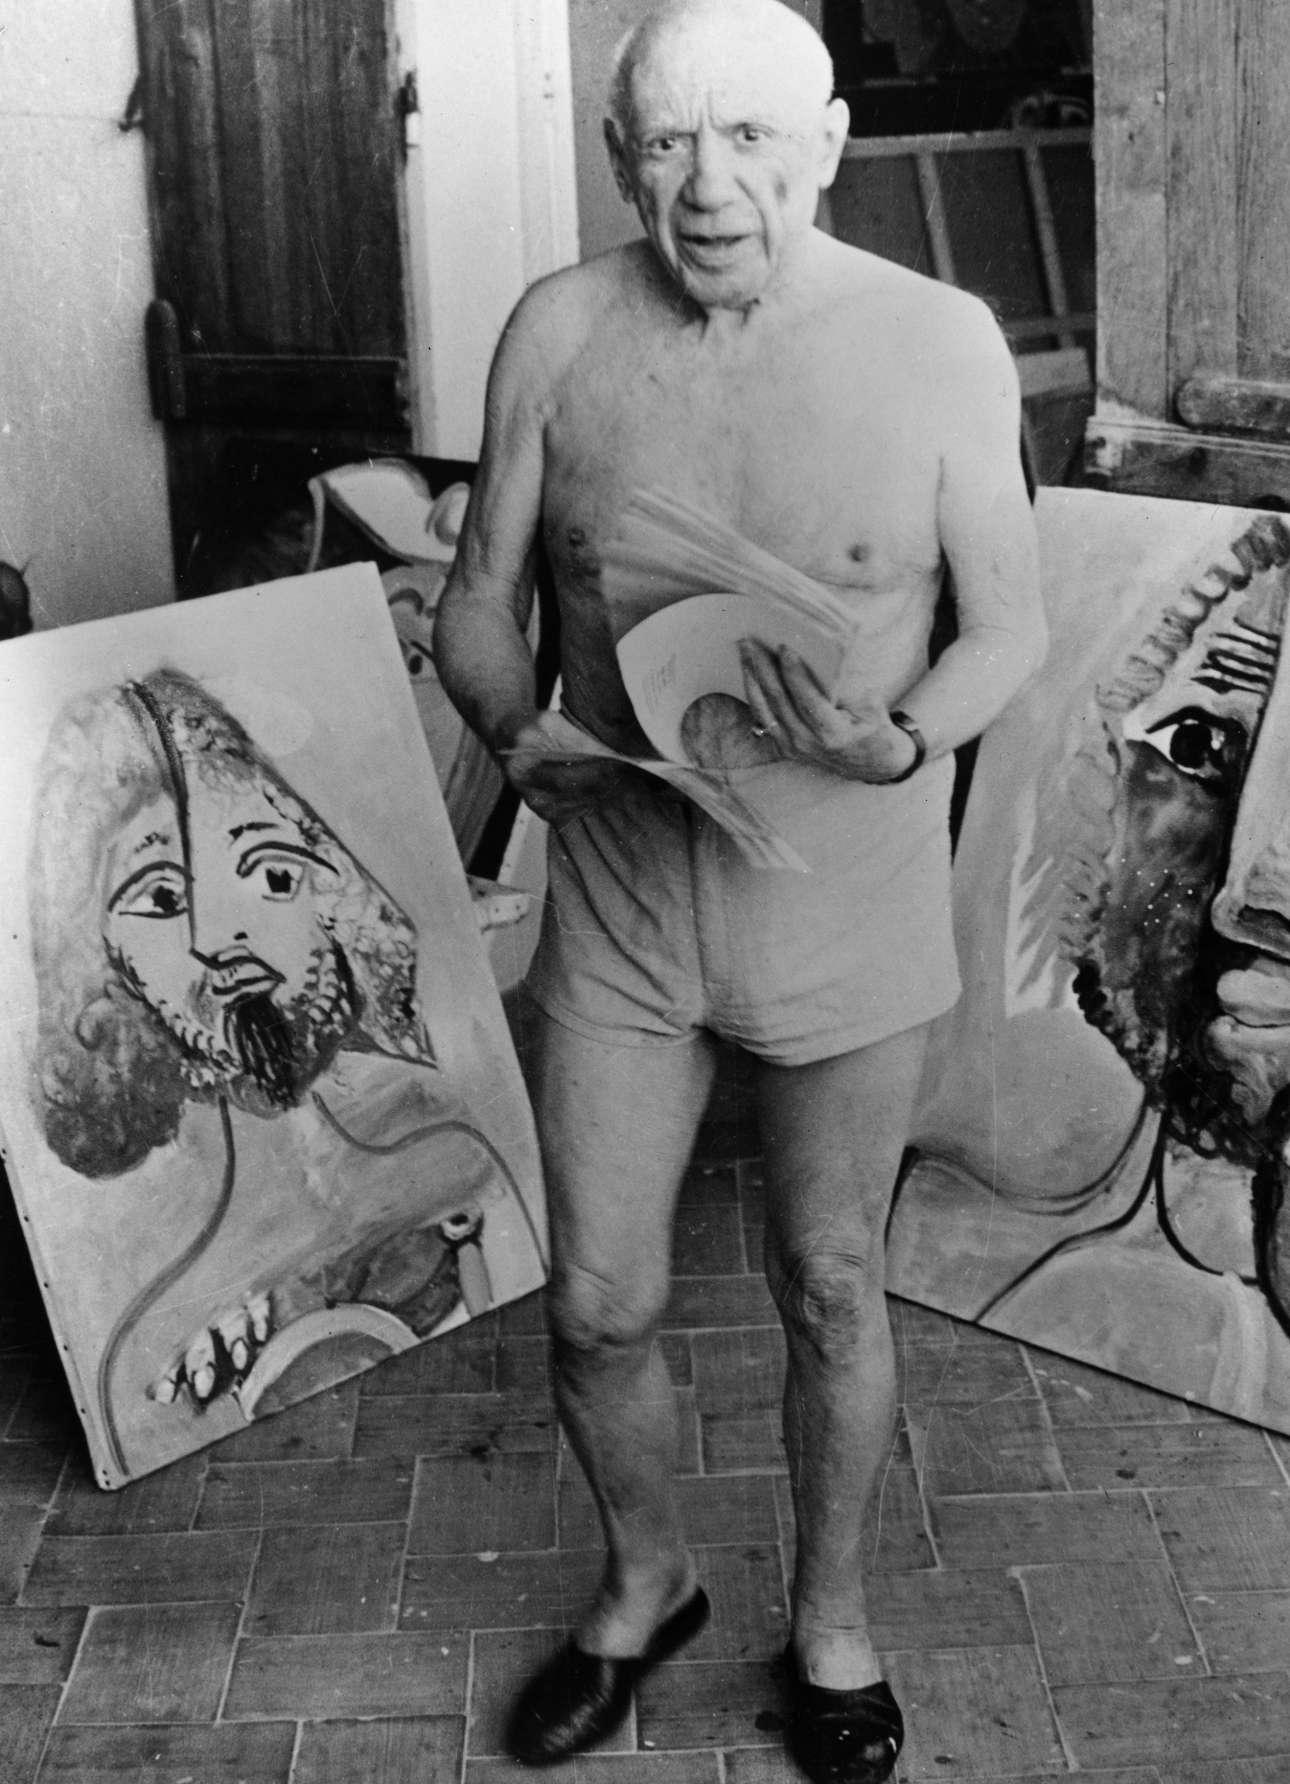 Φεβρουάριος 1973, λίγες εβδομάδες προτού πεθάνει. Στο ατελιέ του παρέα με πίνακες, στη Μουζέν Κοτ ντ Αζούρ, στη γαλλική Ριβιέρα.